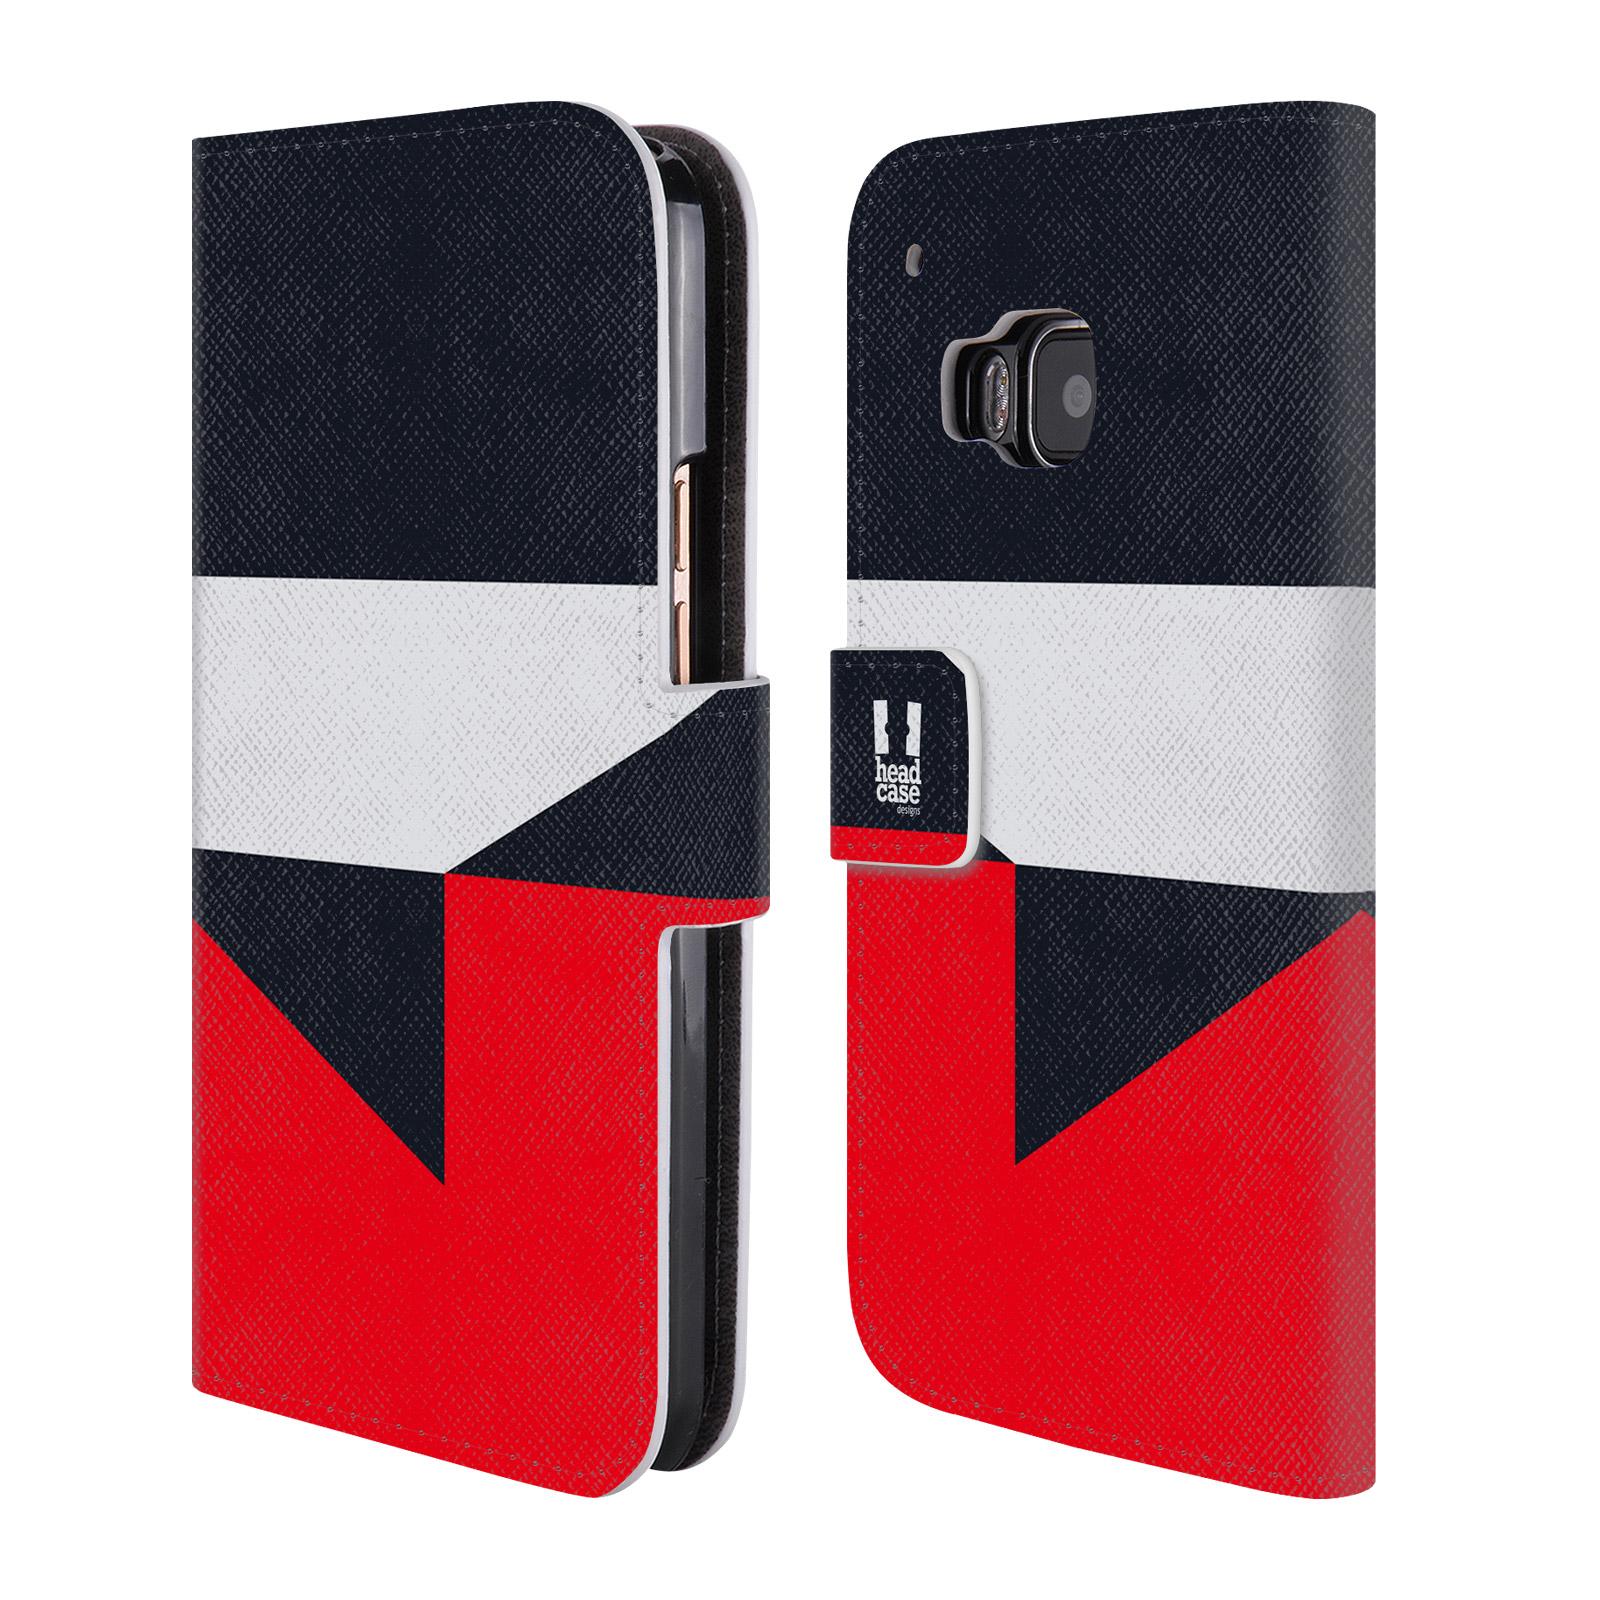 HEAD CASE Flipové pouzdro pro mobil HTC ONE M9 barevné tvary černá a červená gejša